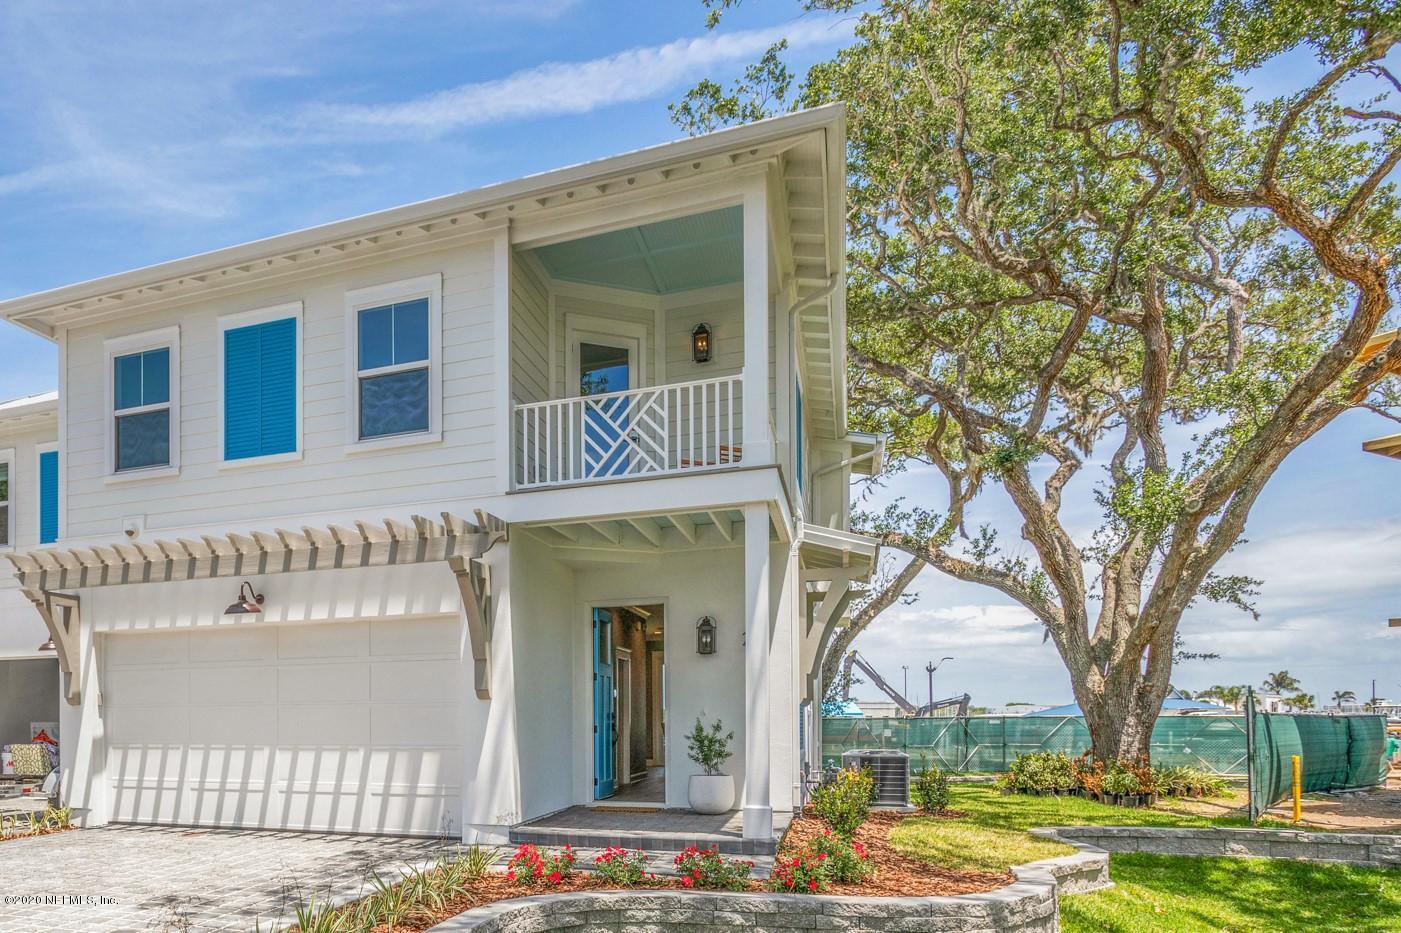 95 CHEROKEE, ST AUGUSTINE, FLORIDA 32084, 3 Bedrooms Bedrooms, ,2 BathroomsBathrooms,Residential,For sale,CHEROKEE,957352